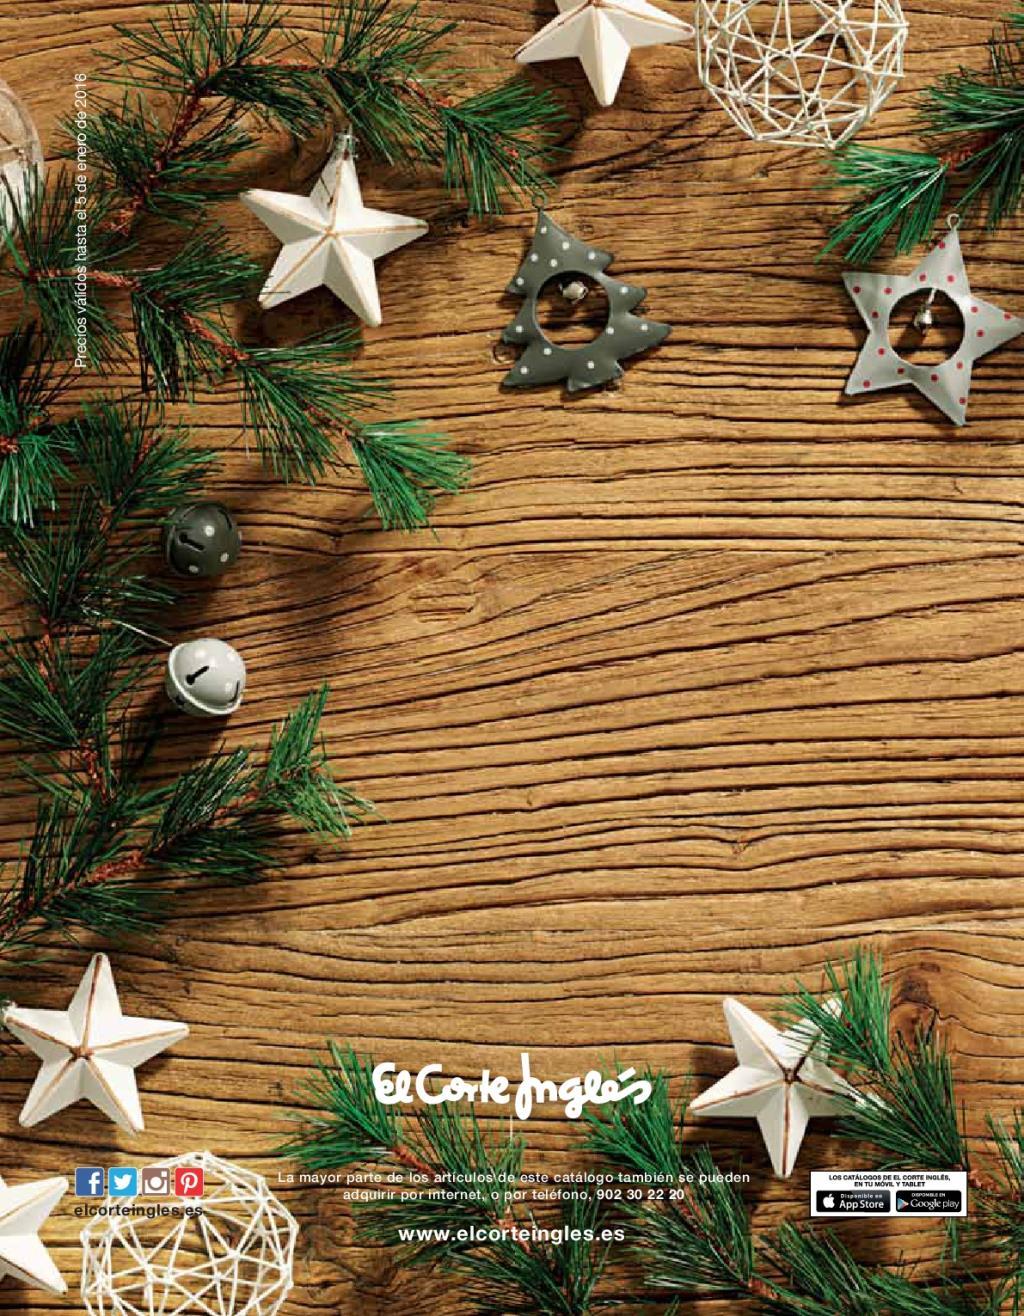 Navidad el corte ingles44 for El corte ingles decoracion navidad